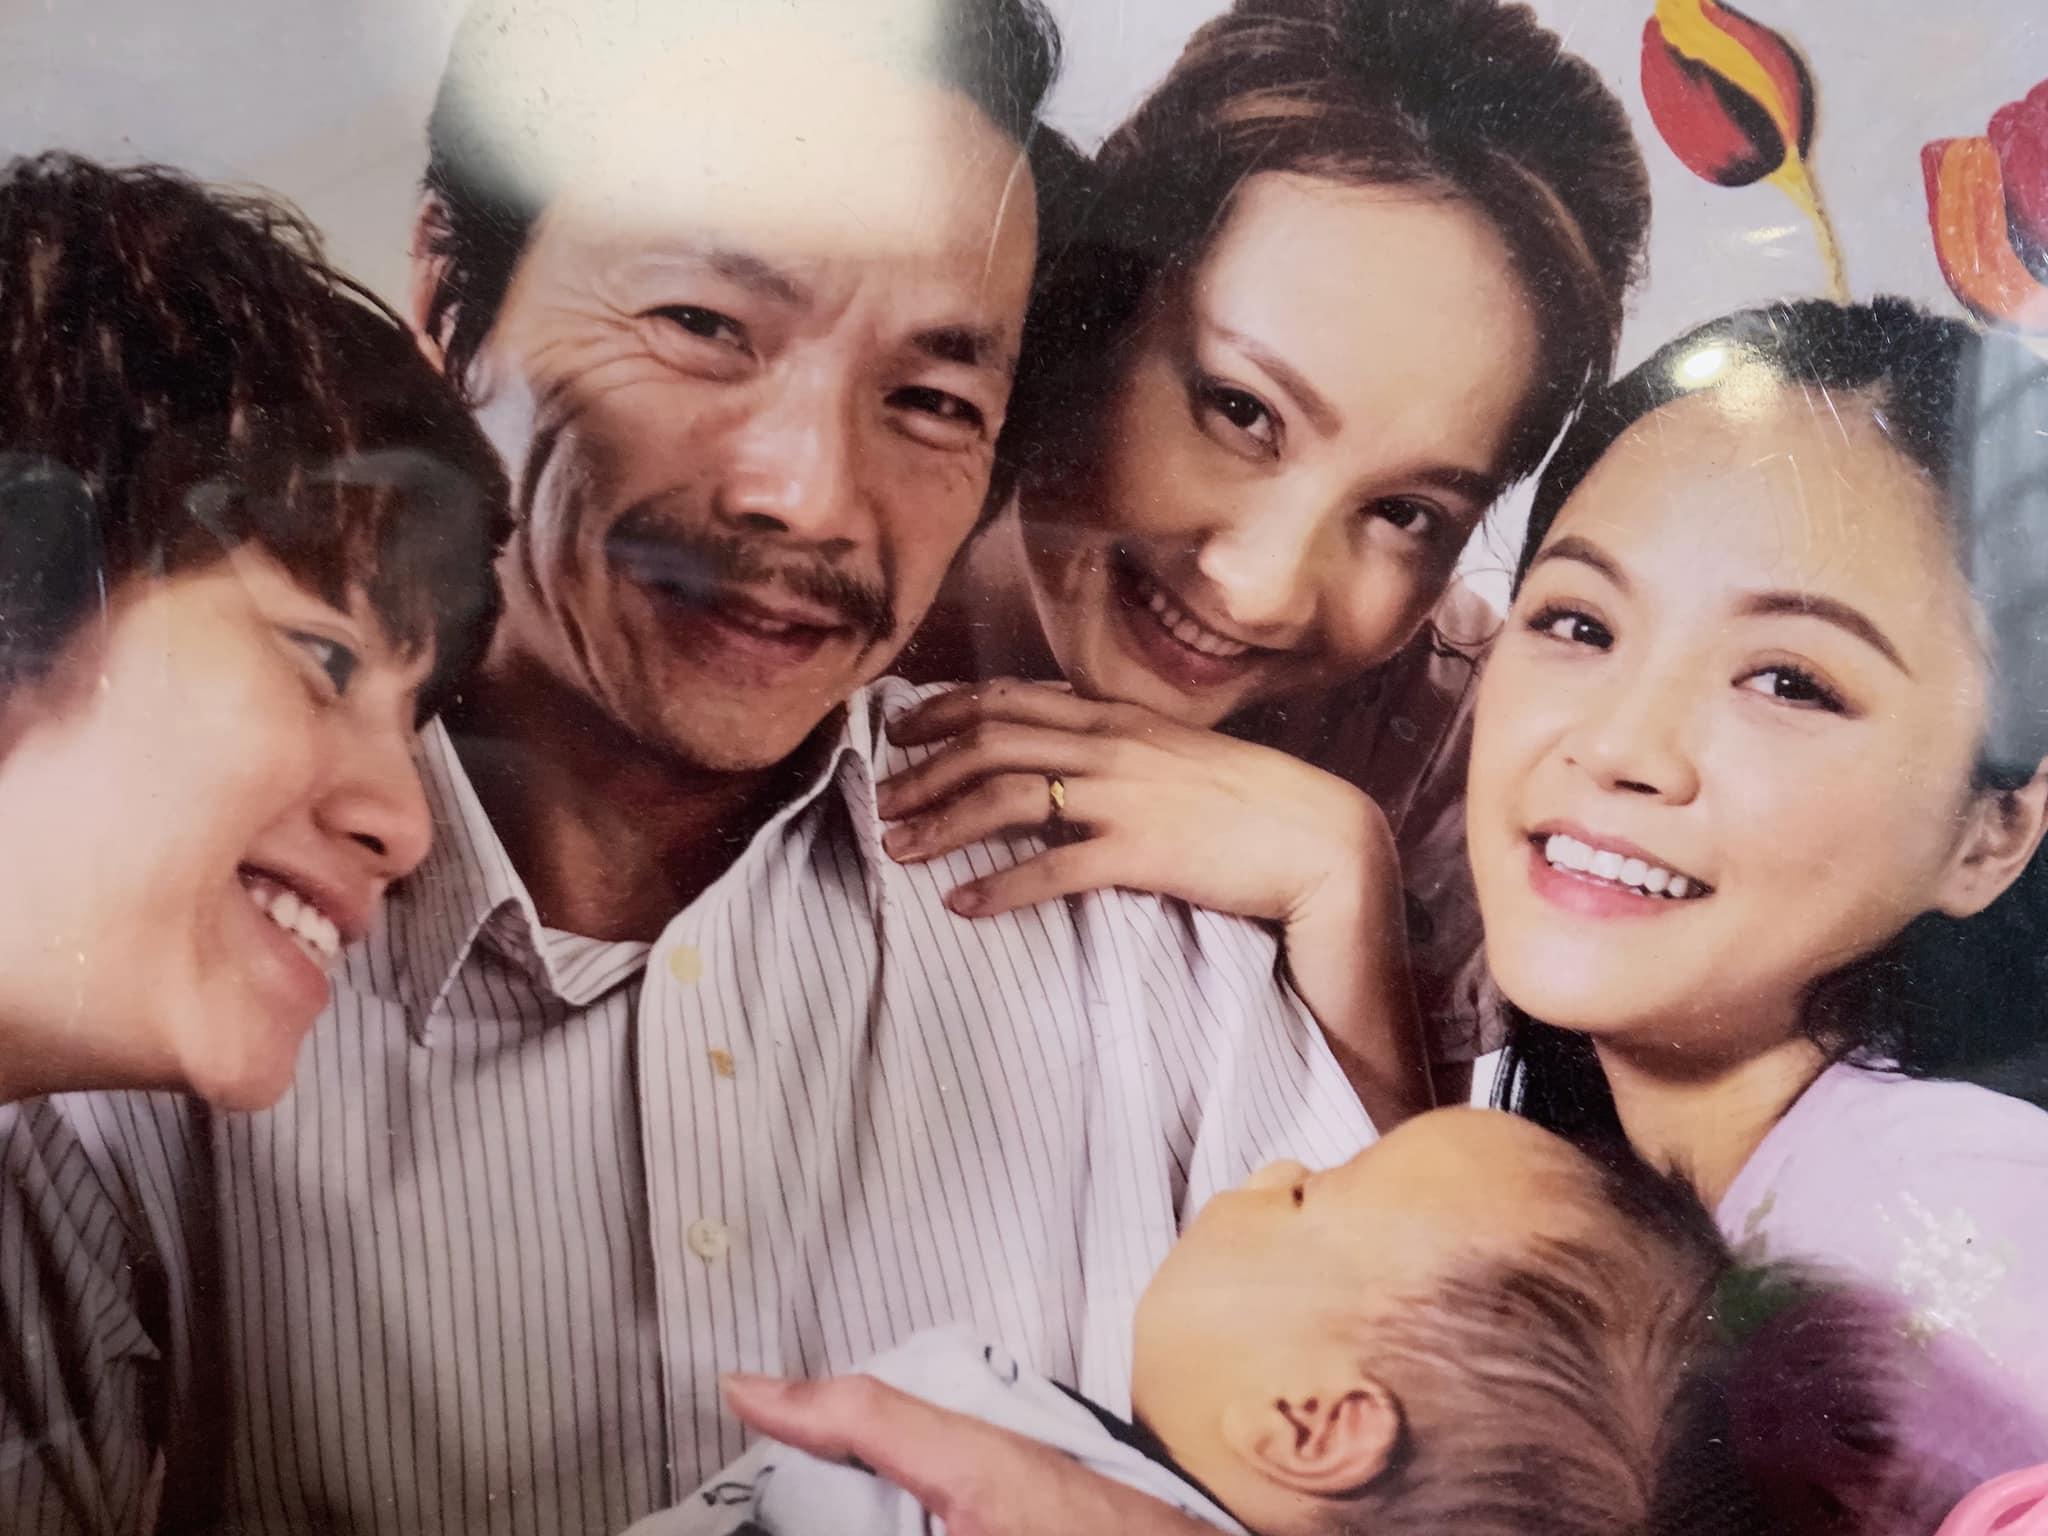 Diễn viên Bảo Hân (vai Ánh Dương) đăng tấm hình hạnh phúc của 3 chị em bên bố Sơn và cu Bon cùng dòng chia sẻ: